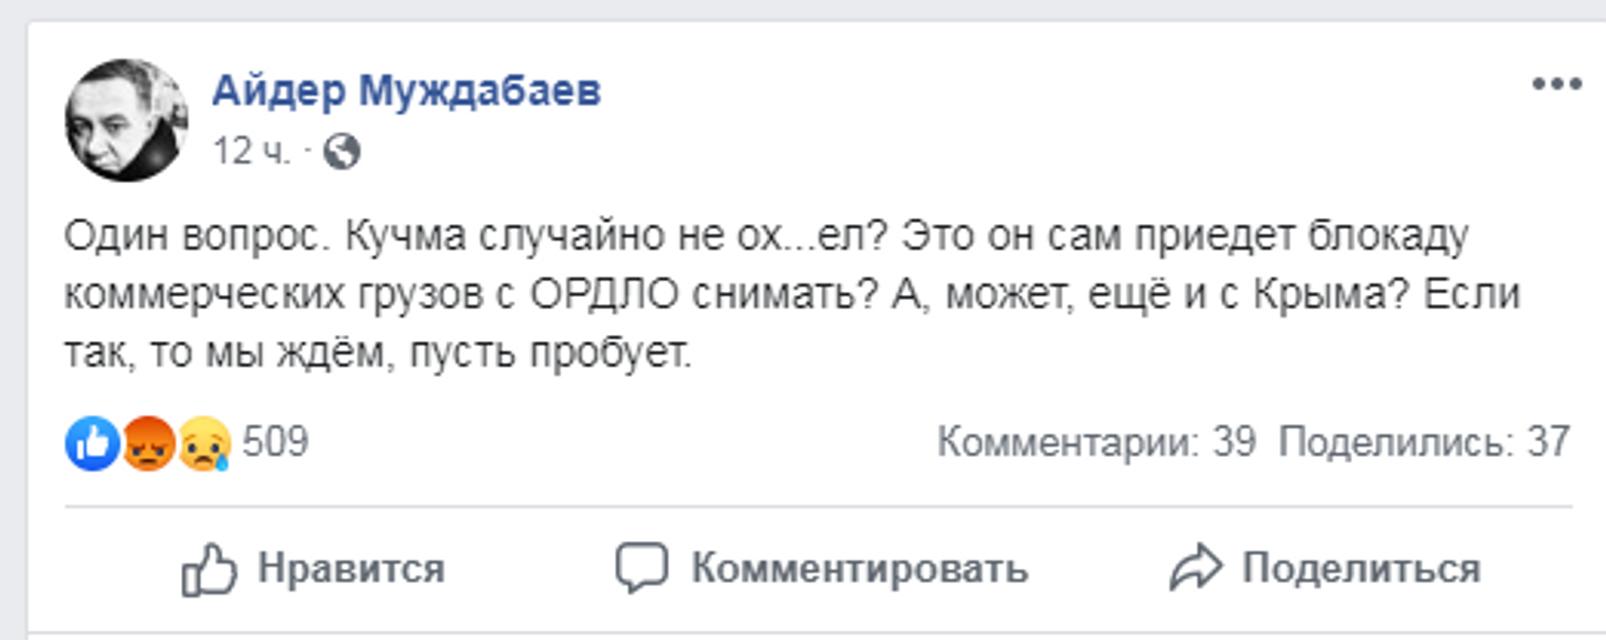 'Не стрелять!' Кучма просит ВСУ не защищаться в АТО - фото 182276